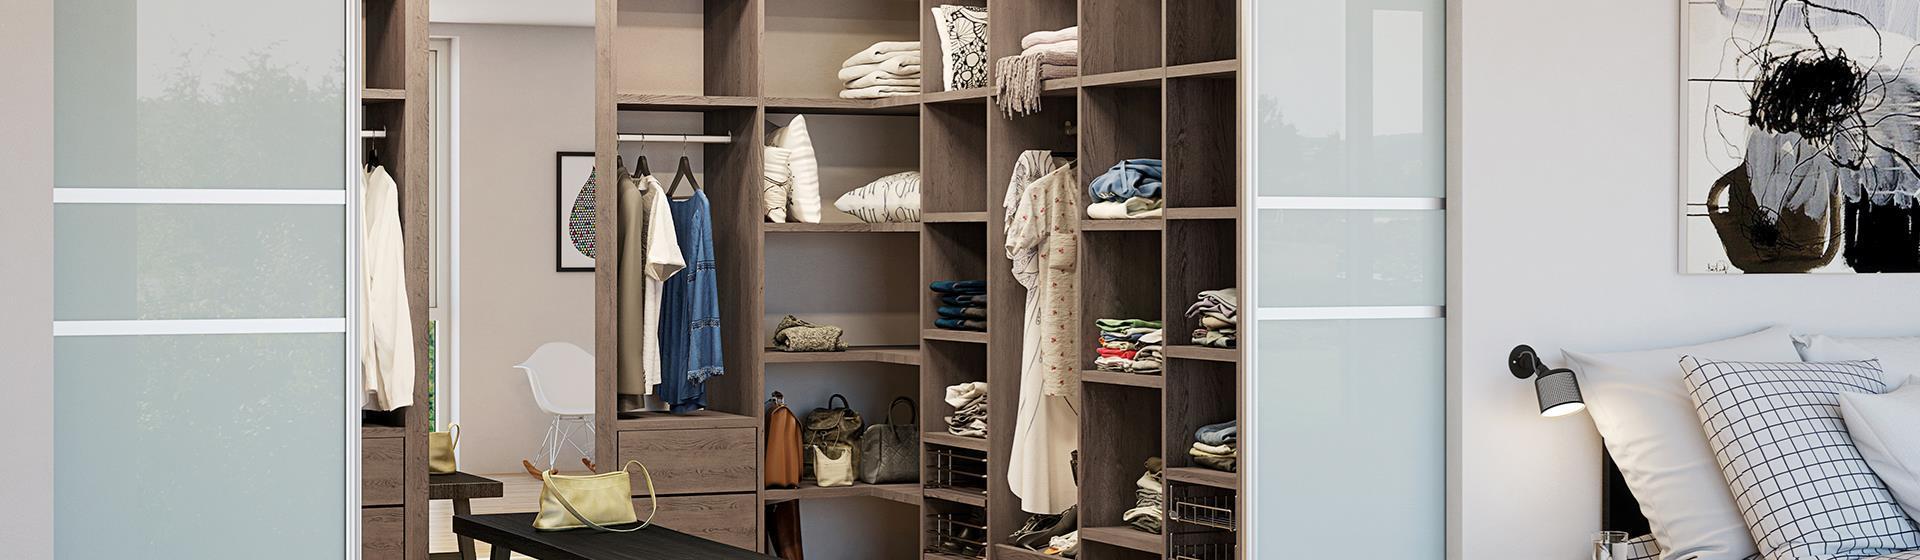 Sådan bør du indrette din garderobe